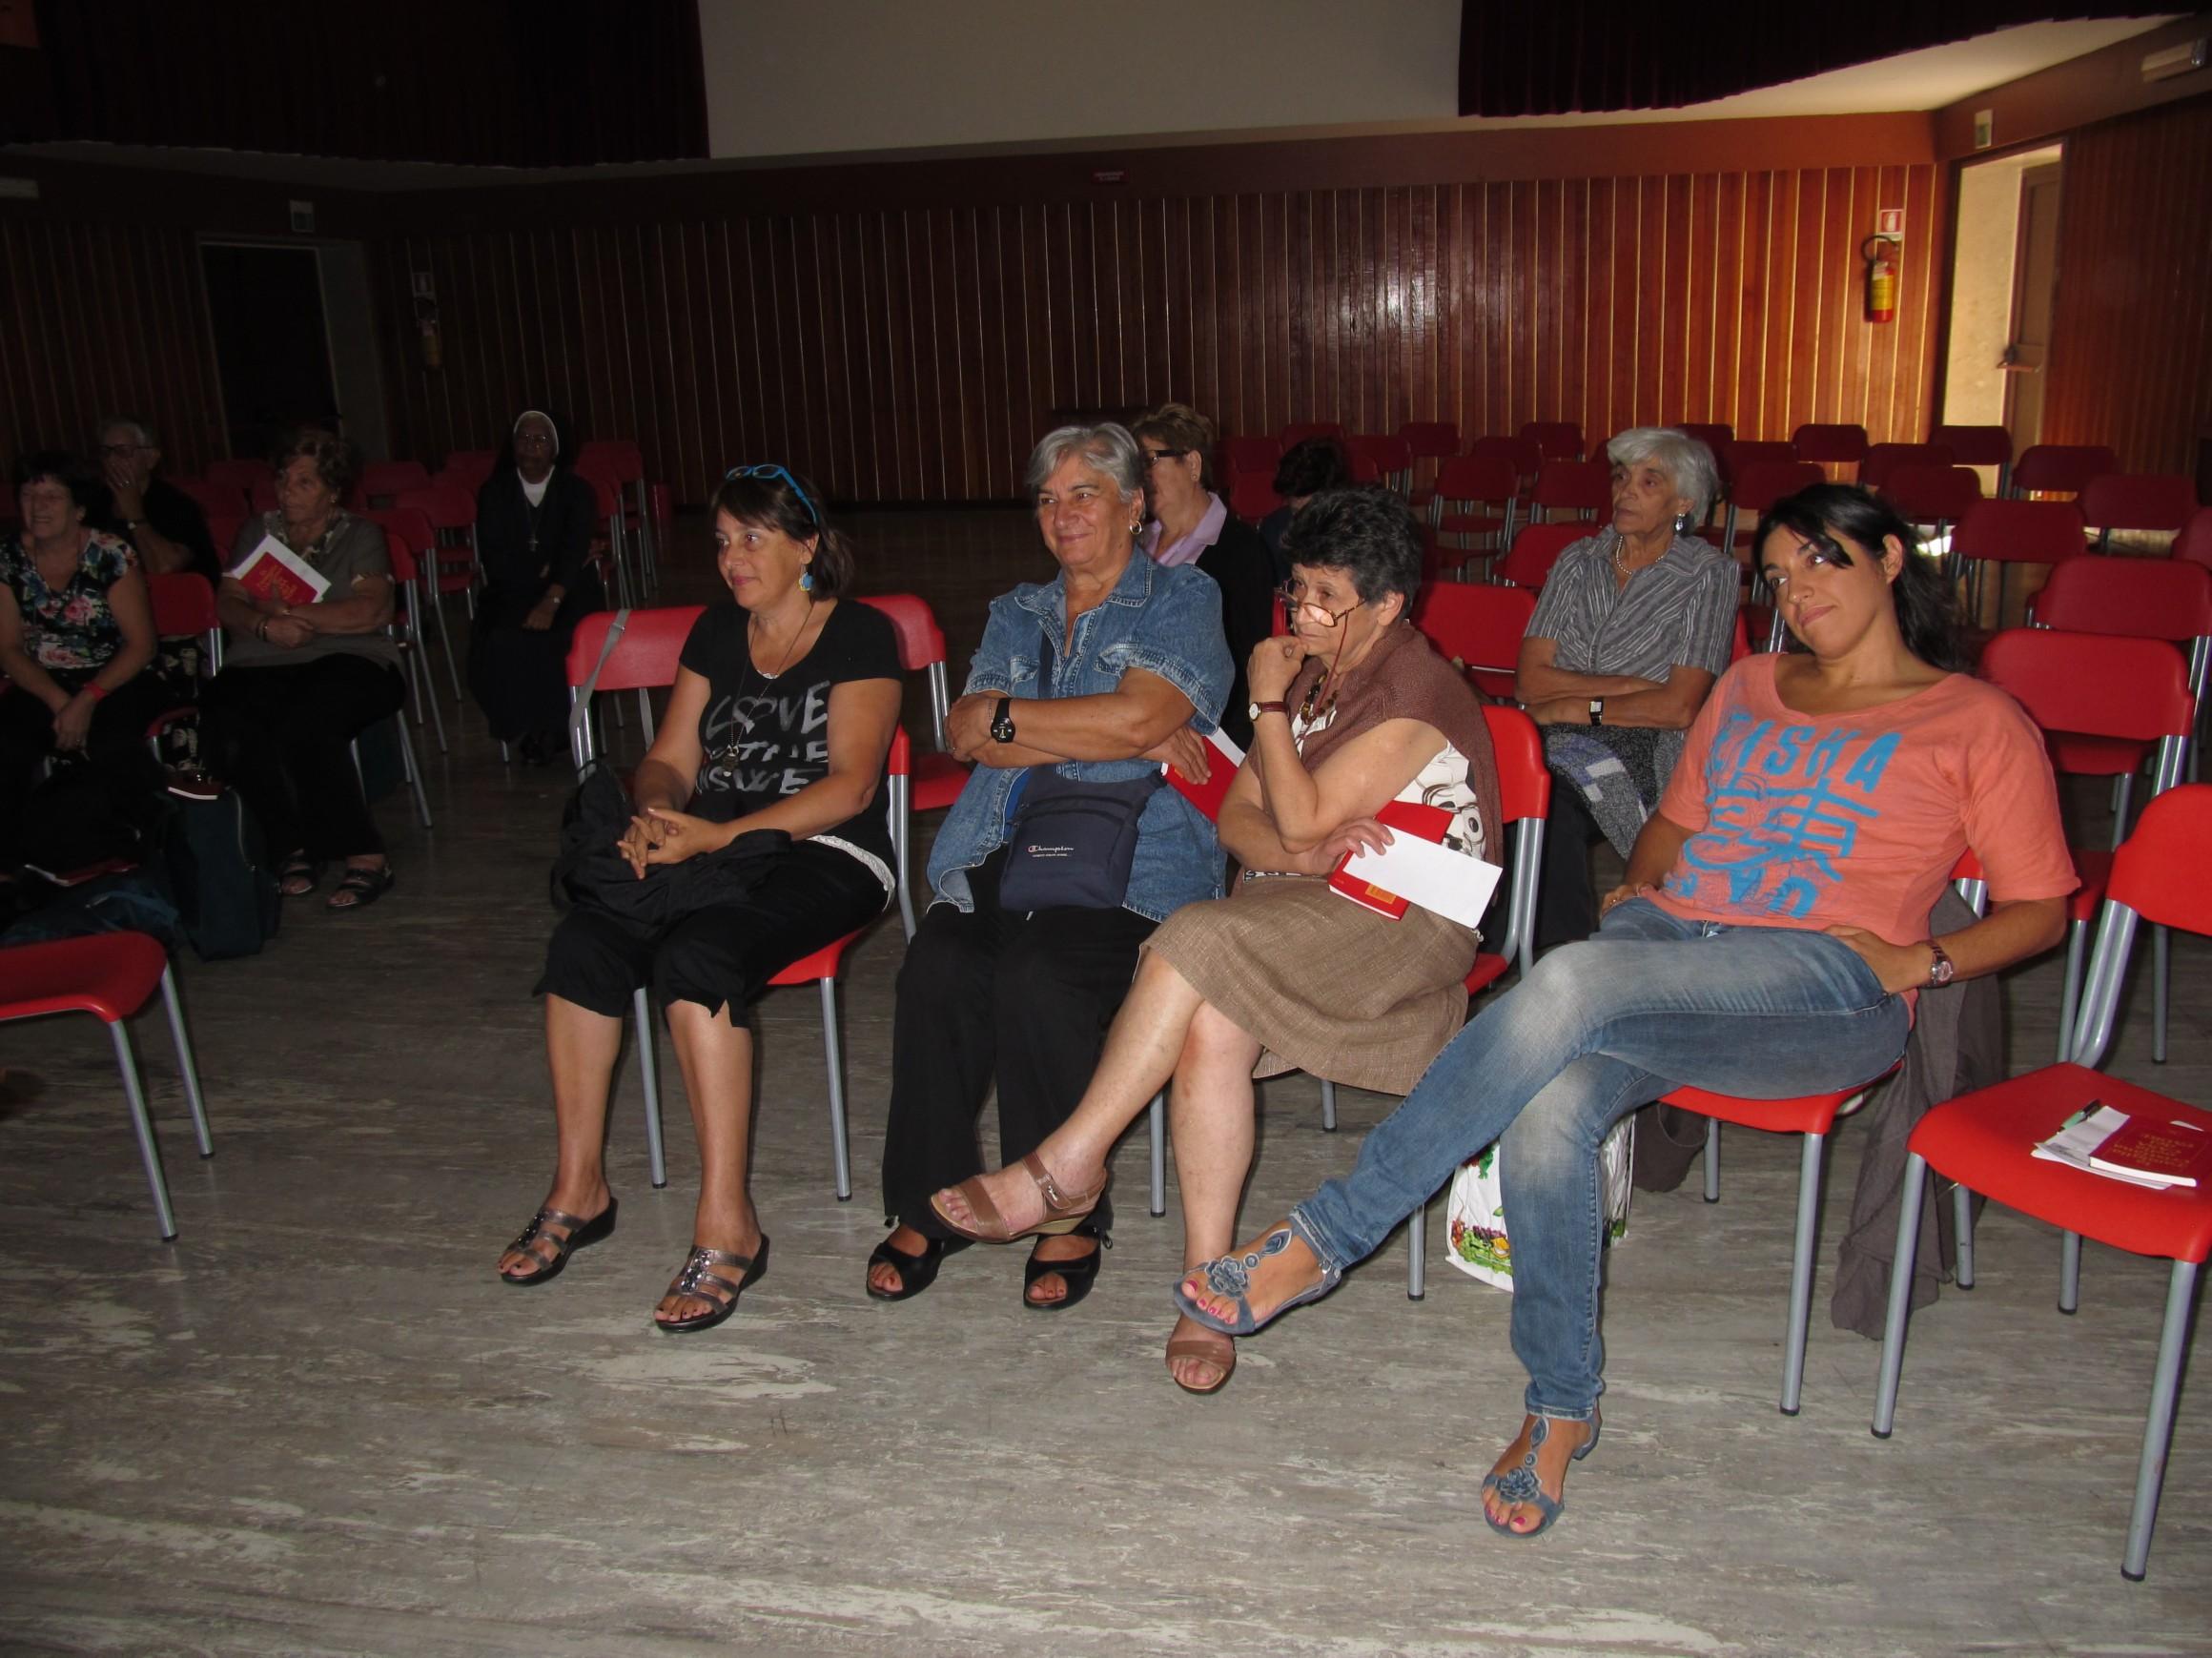 giornata_comunita_arenzano-2013-09-22-12-01-21